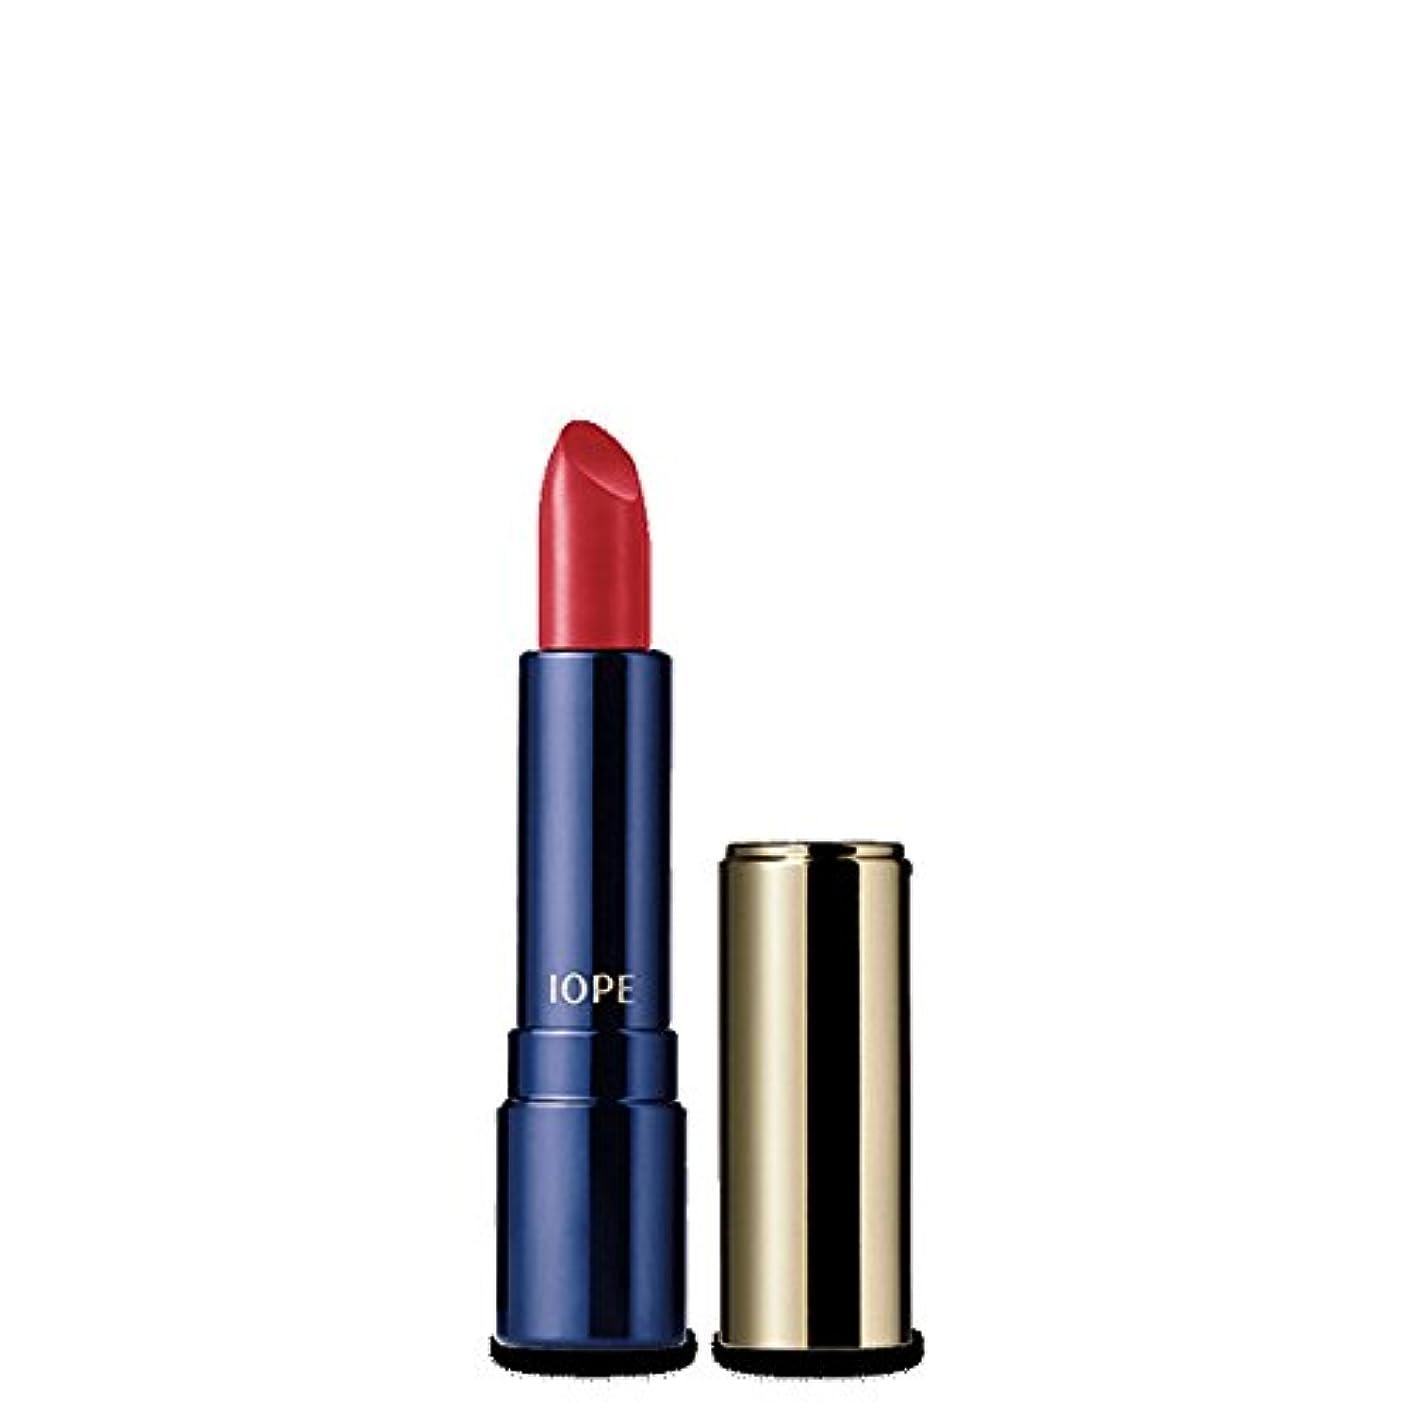 柔和有名人定常IOPE(アイオペ) Color Fit Lipstick - # 18 Classic Red 3.2g/0.107oz [海外直送品]